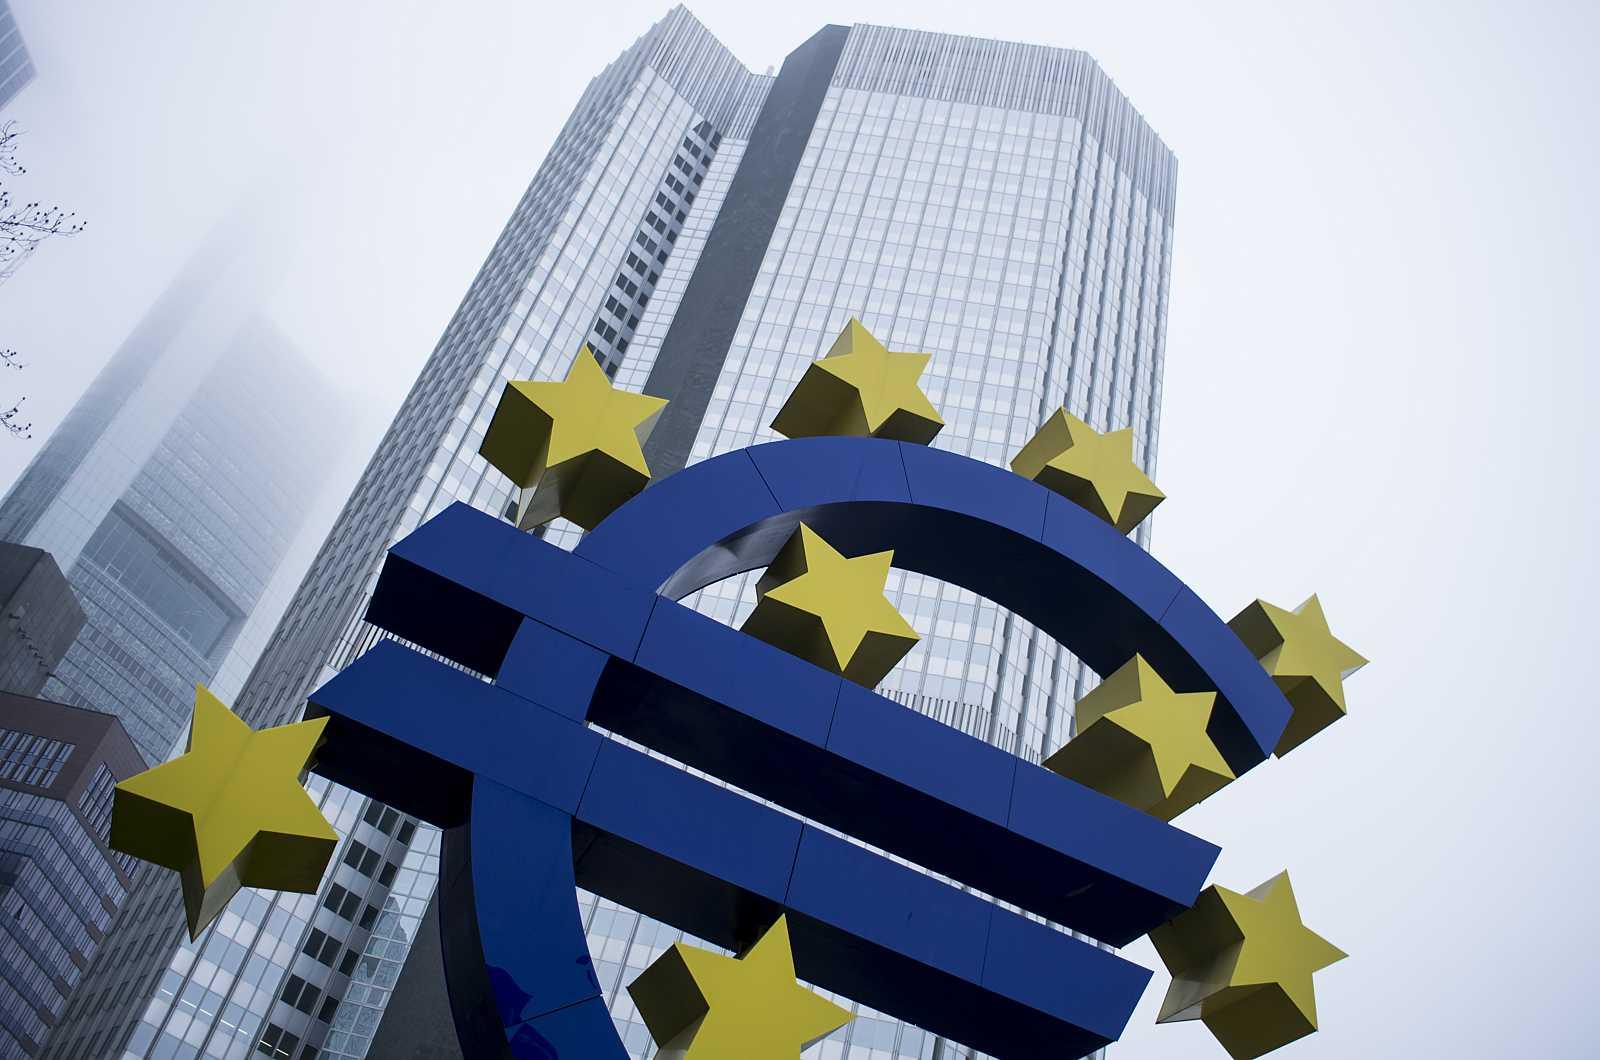 La UE da luz verde a 37.000 millones de euros para promover la inversión durante el coronavirus